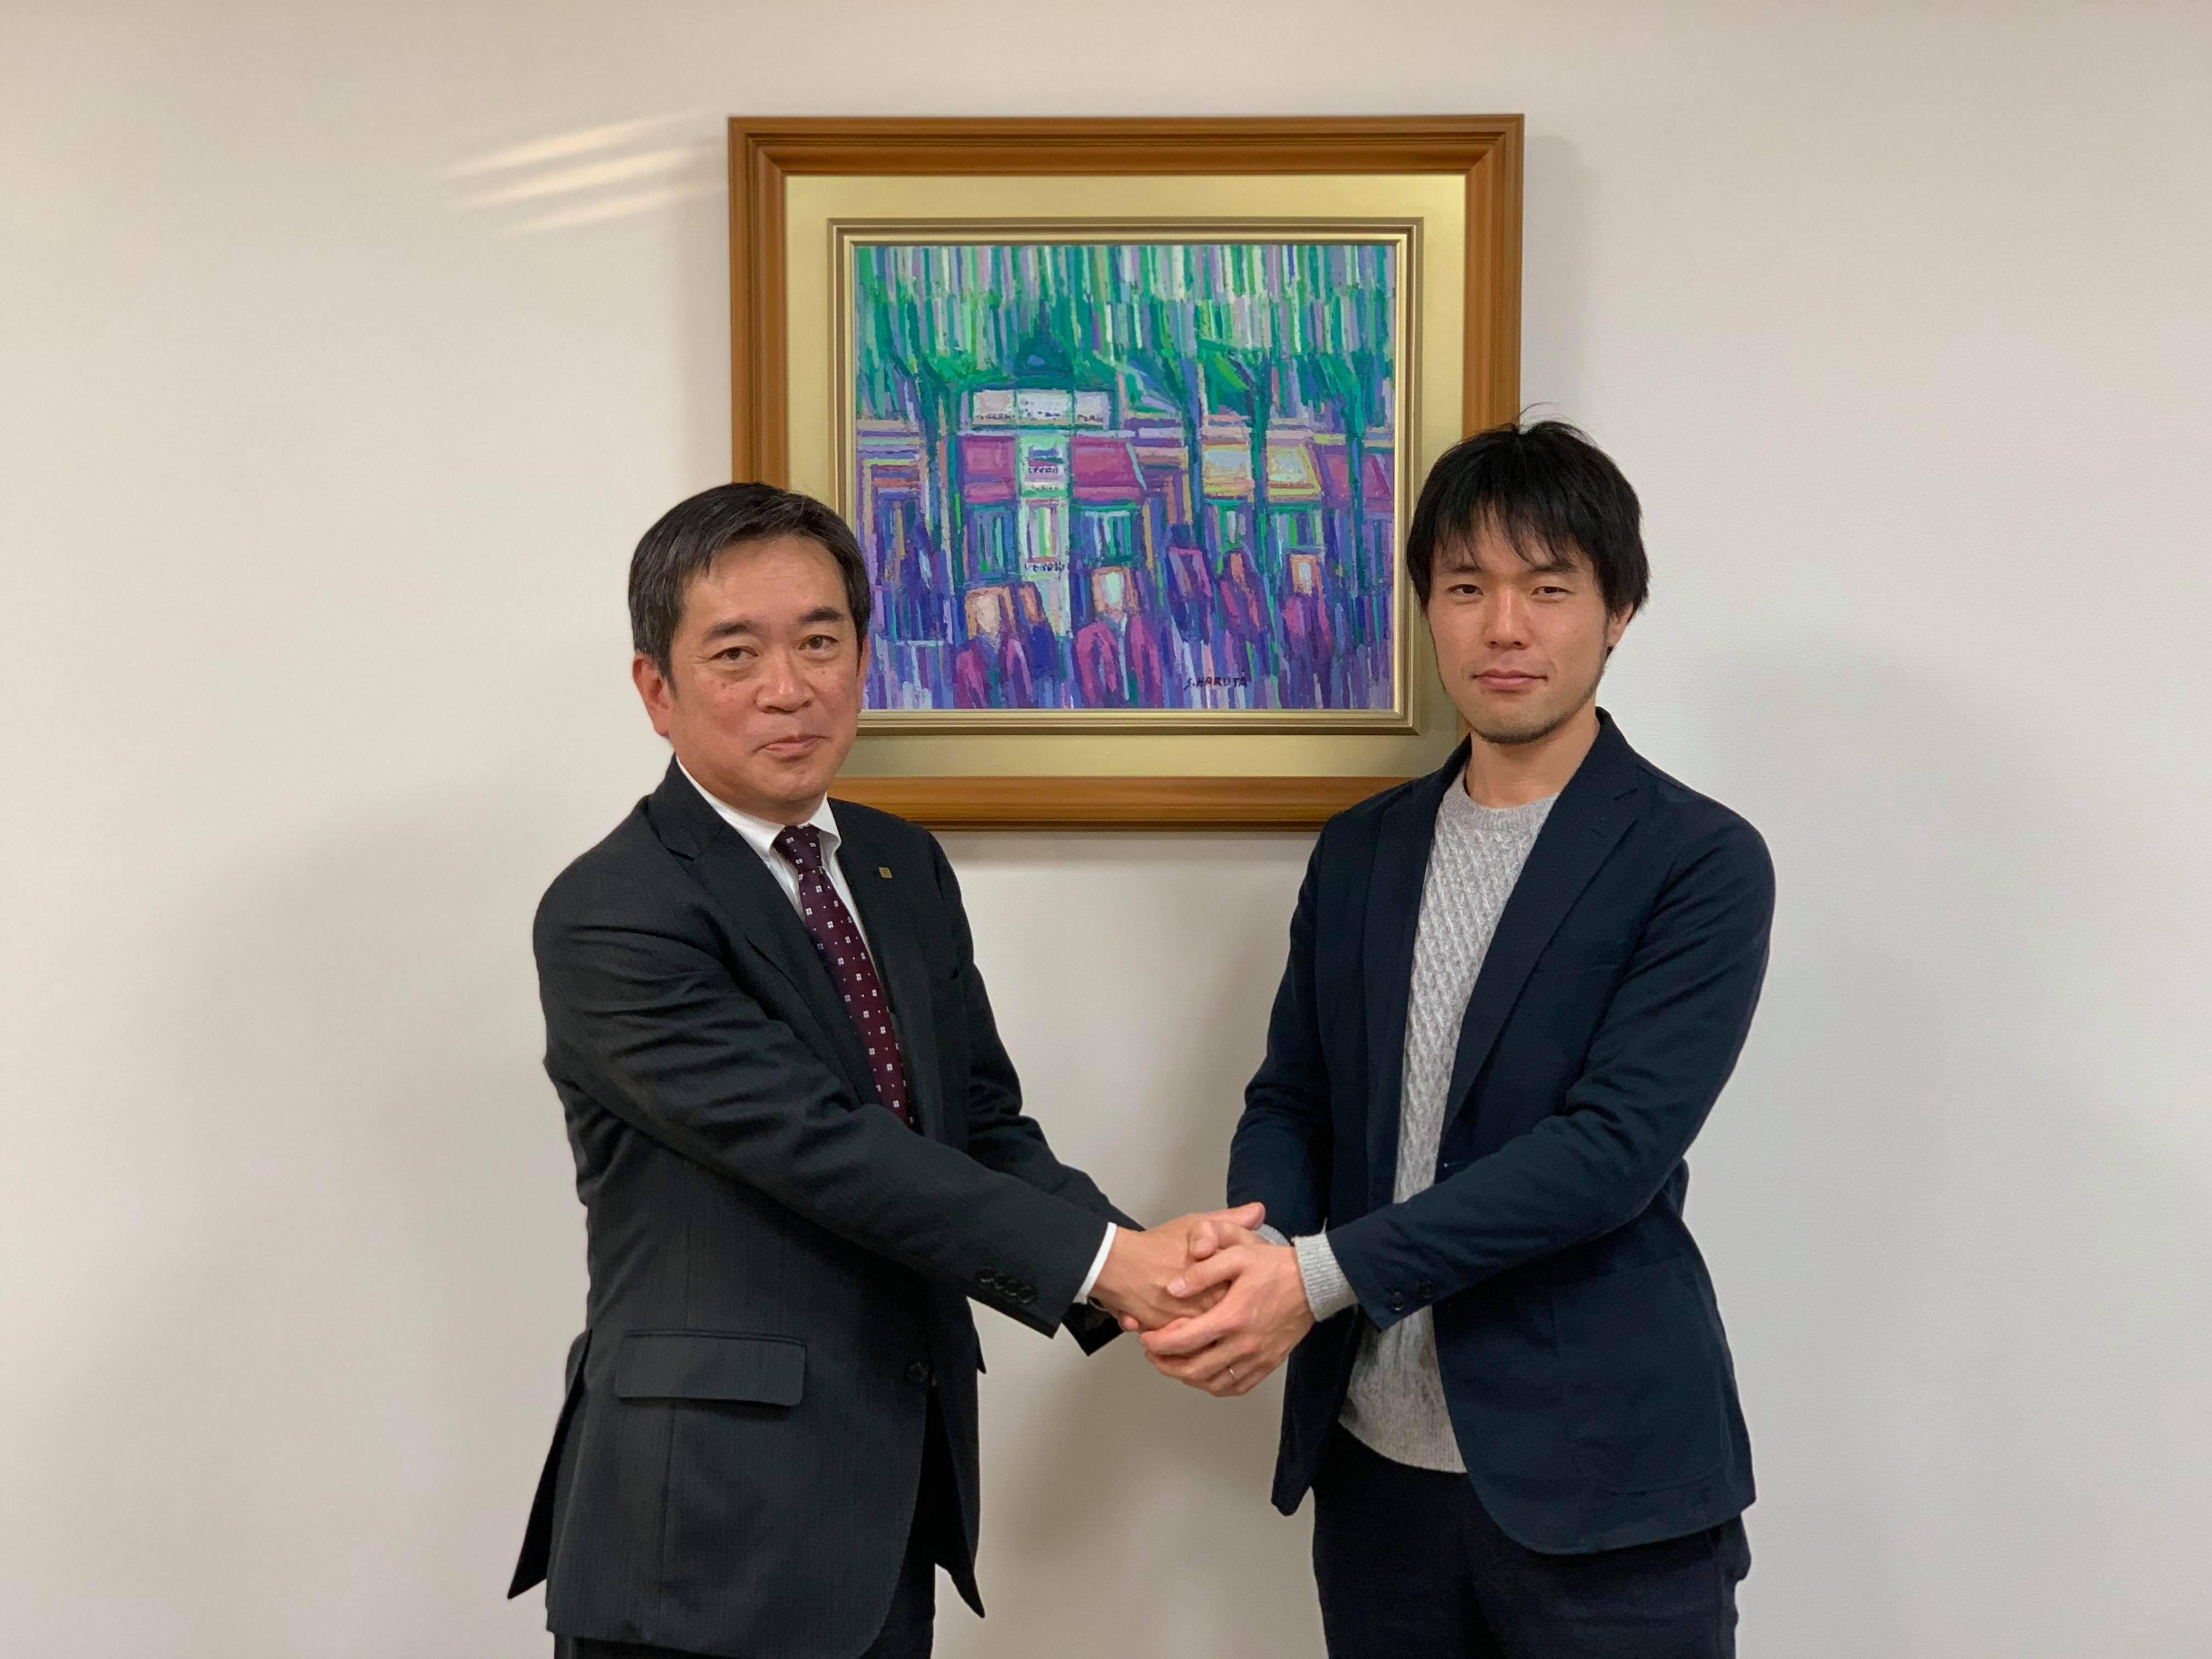 京セラコミュニケーションシステム株式会社(KCCS)と株式譲渡契約を締結